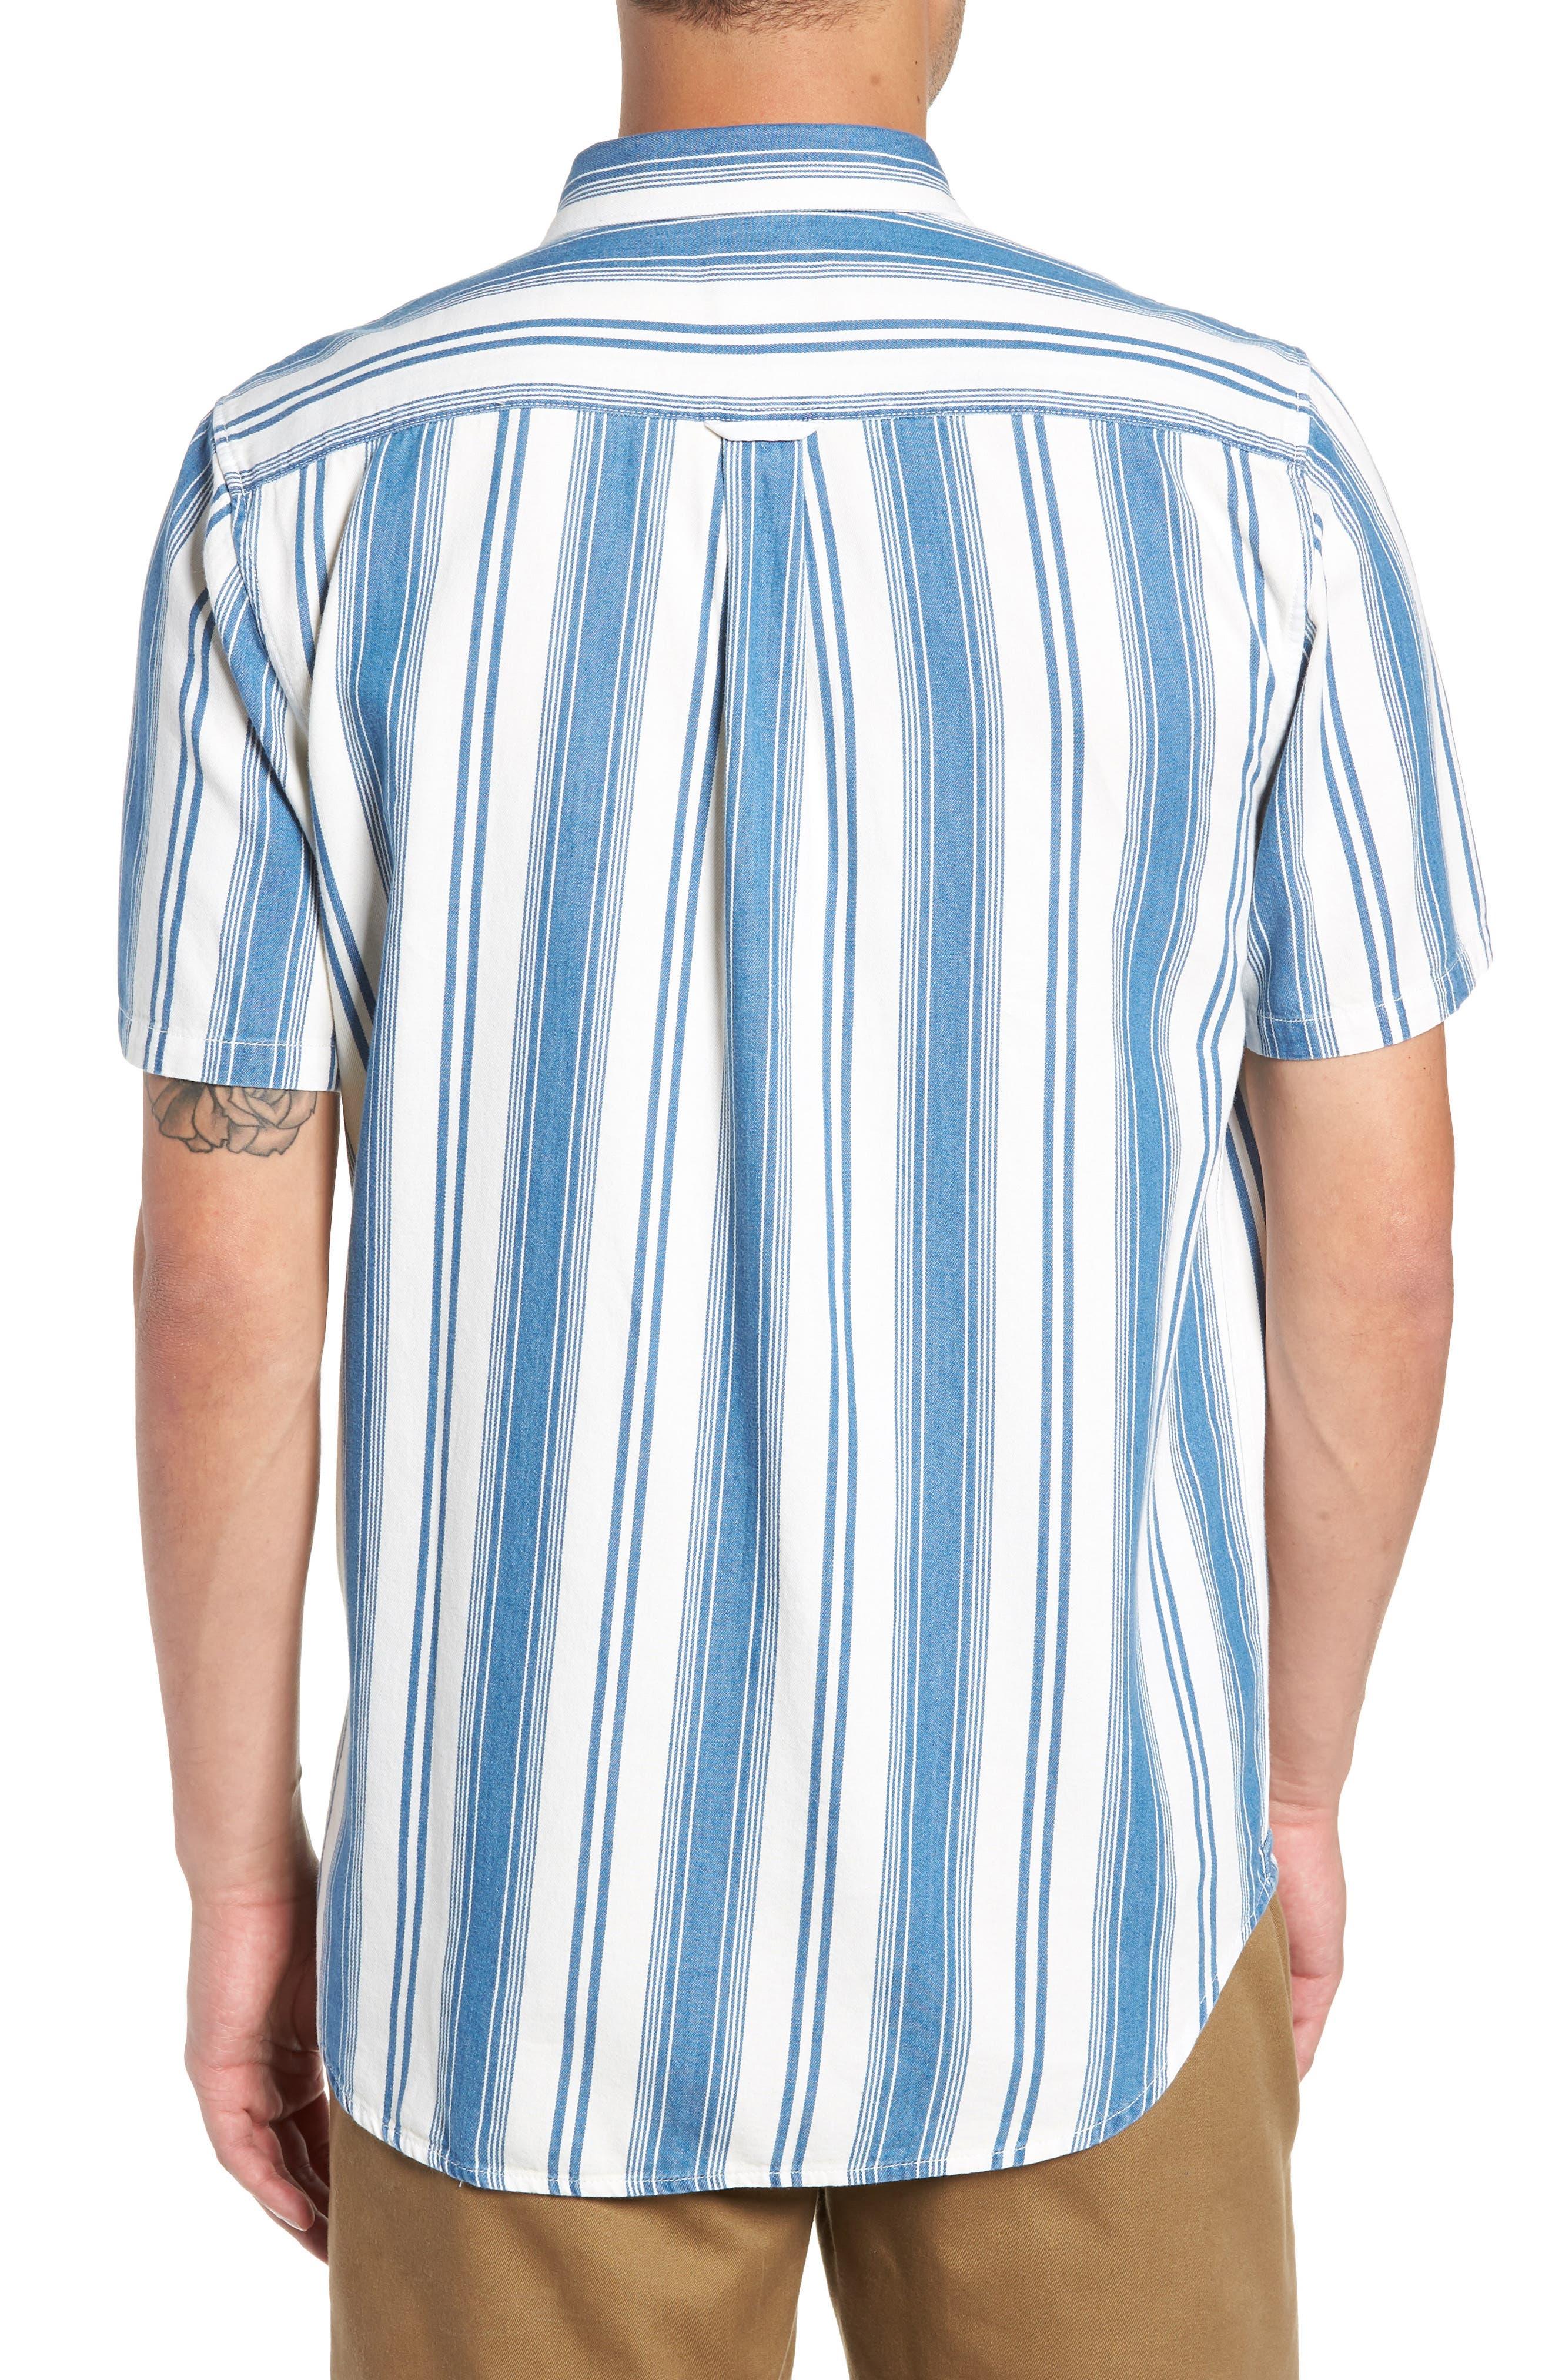 Linden Striped Woven Shirt,                             Alternate thumbnail 3, color,                             INDIGO